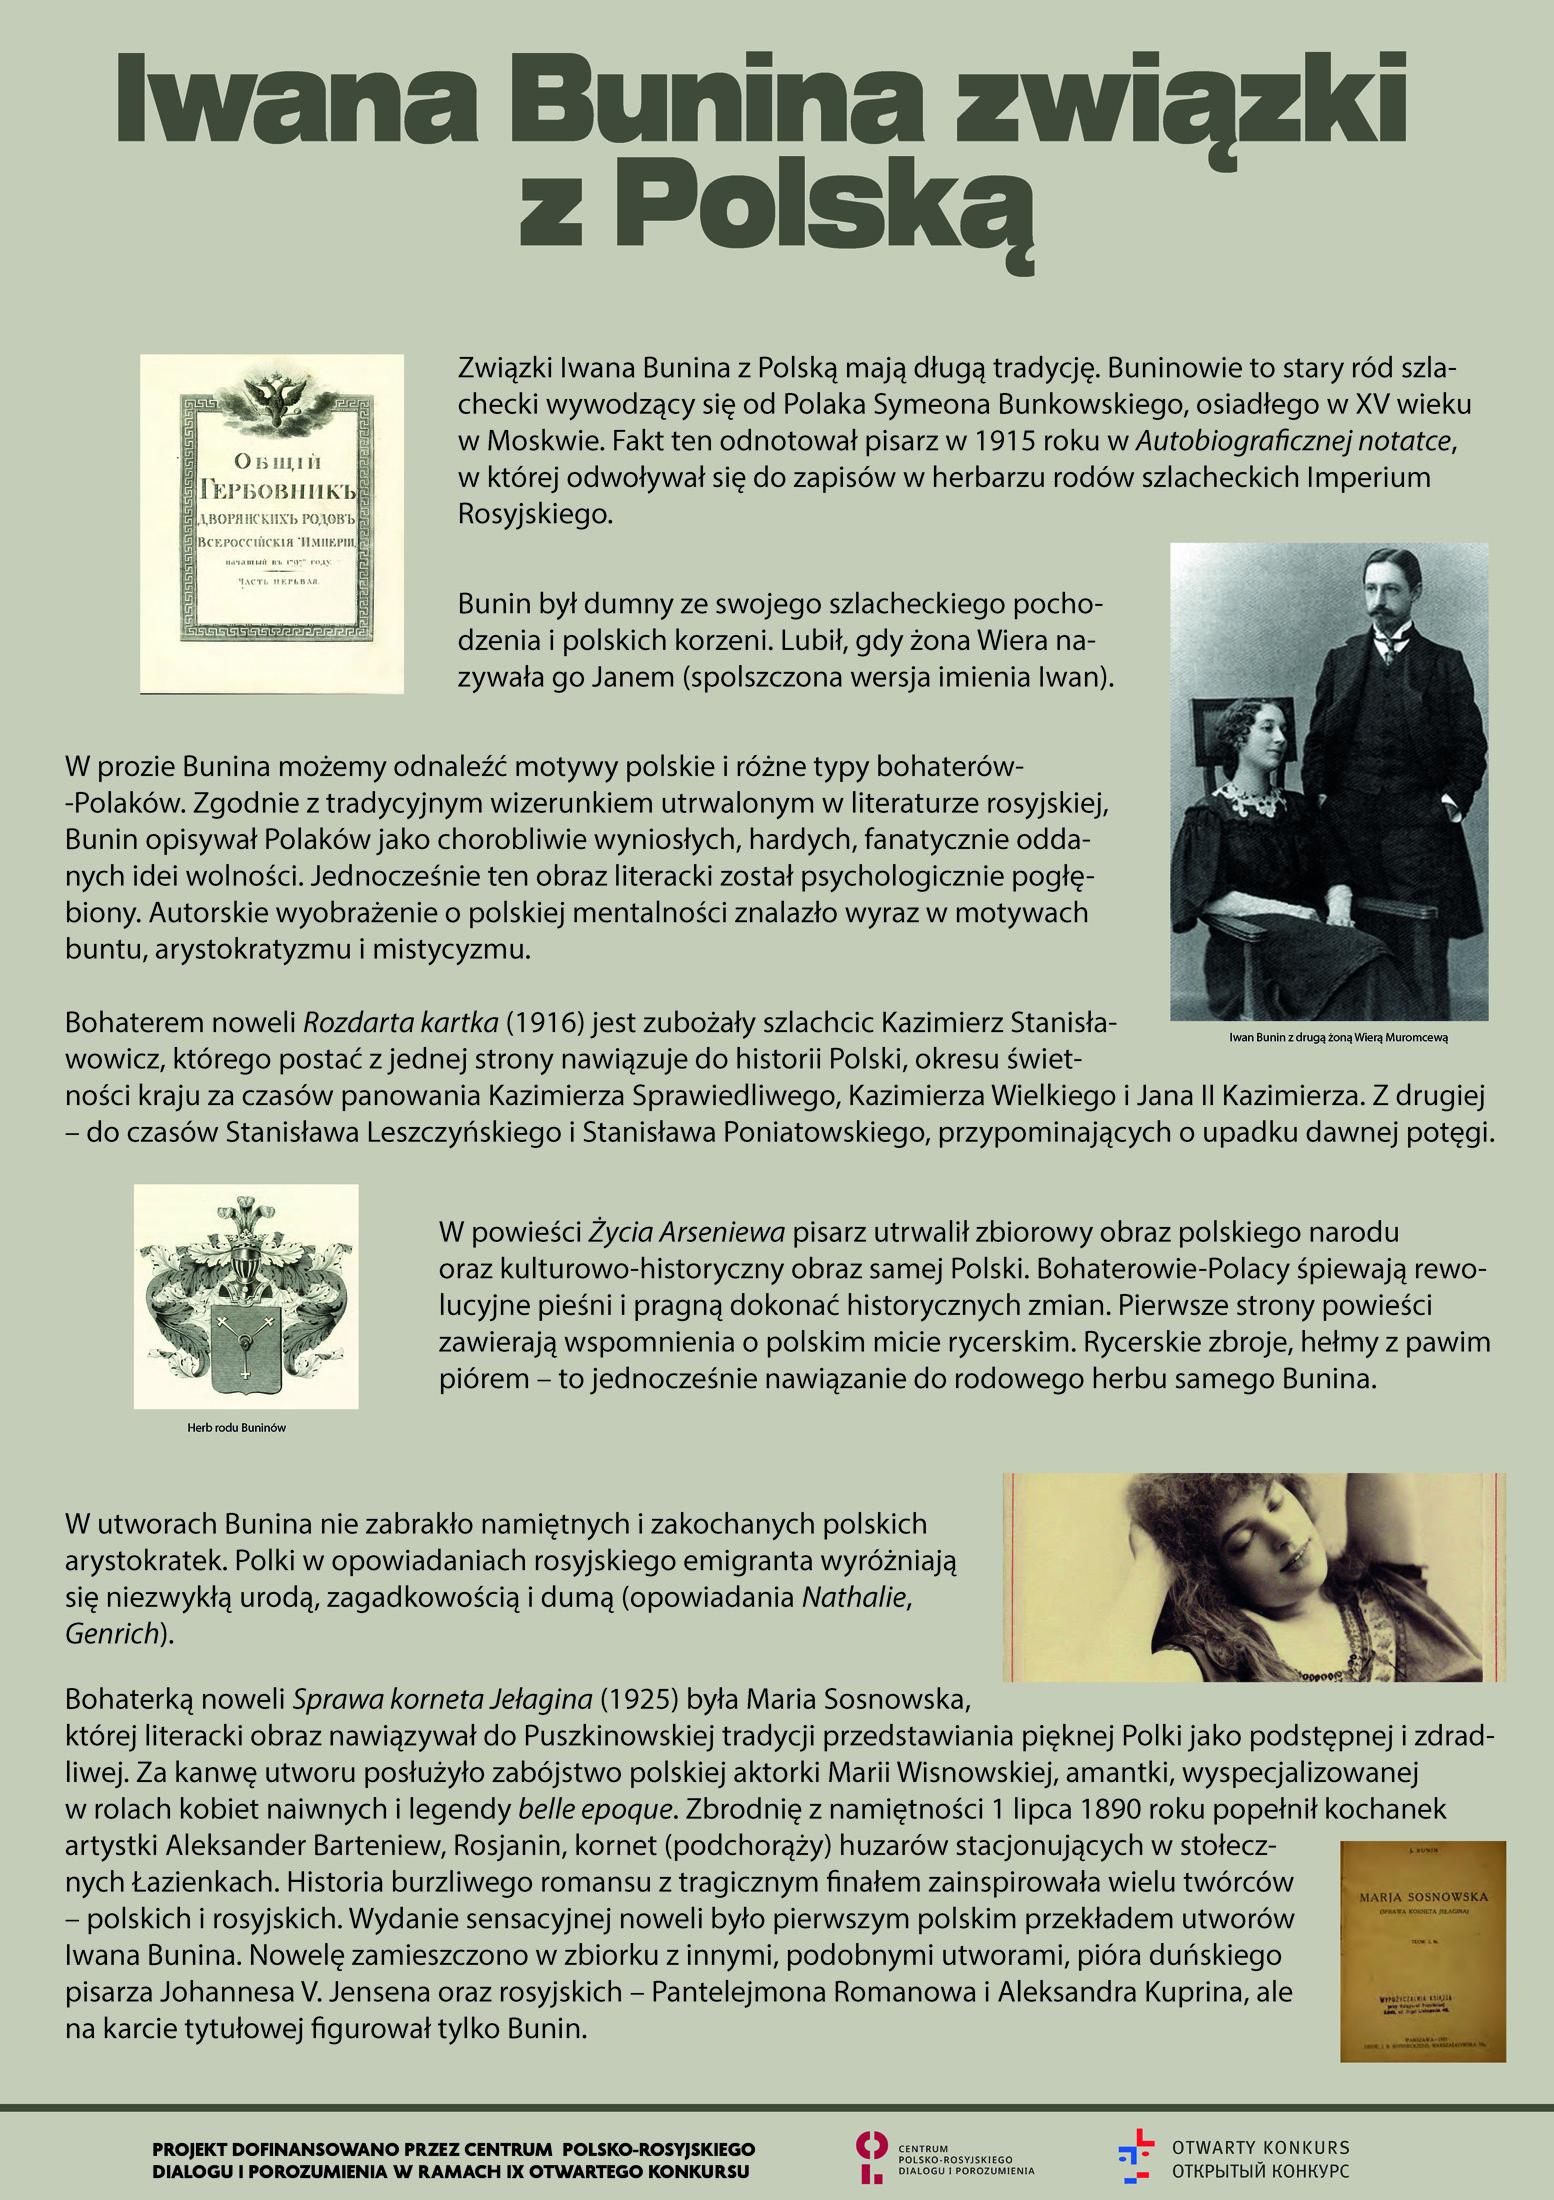 Ivan Bunin strona 6